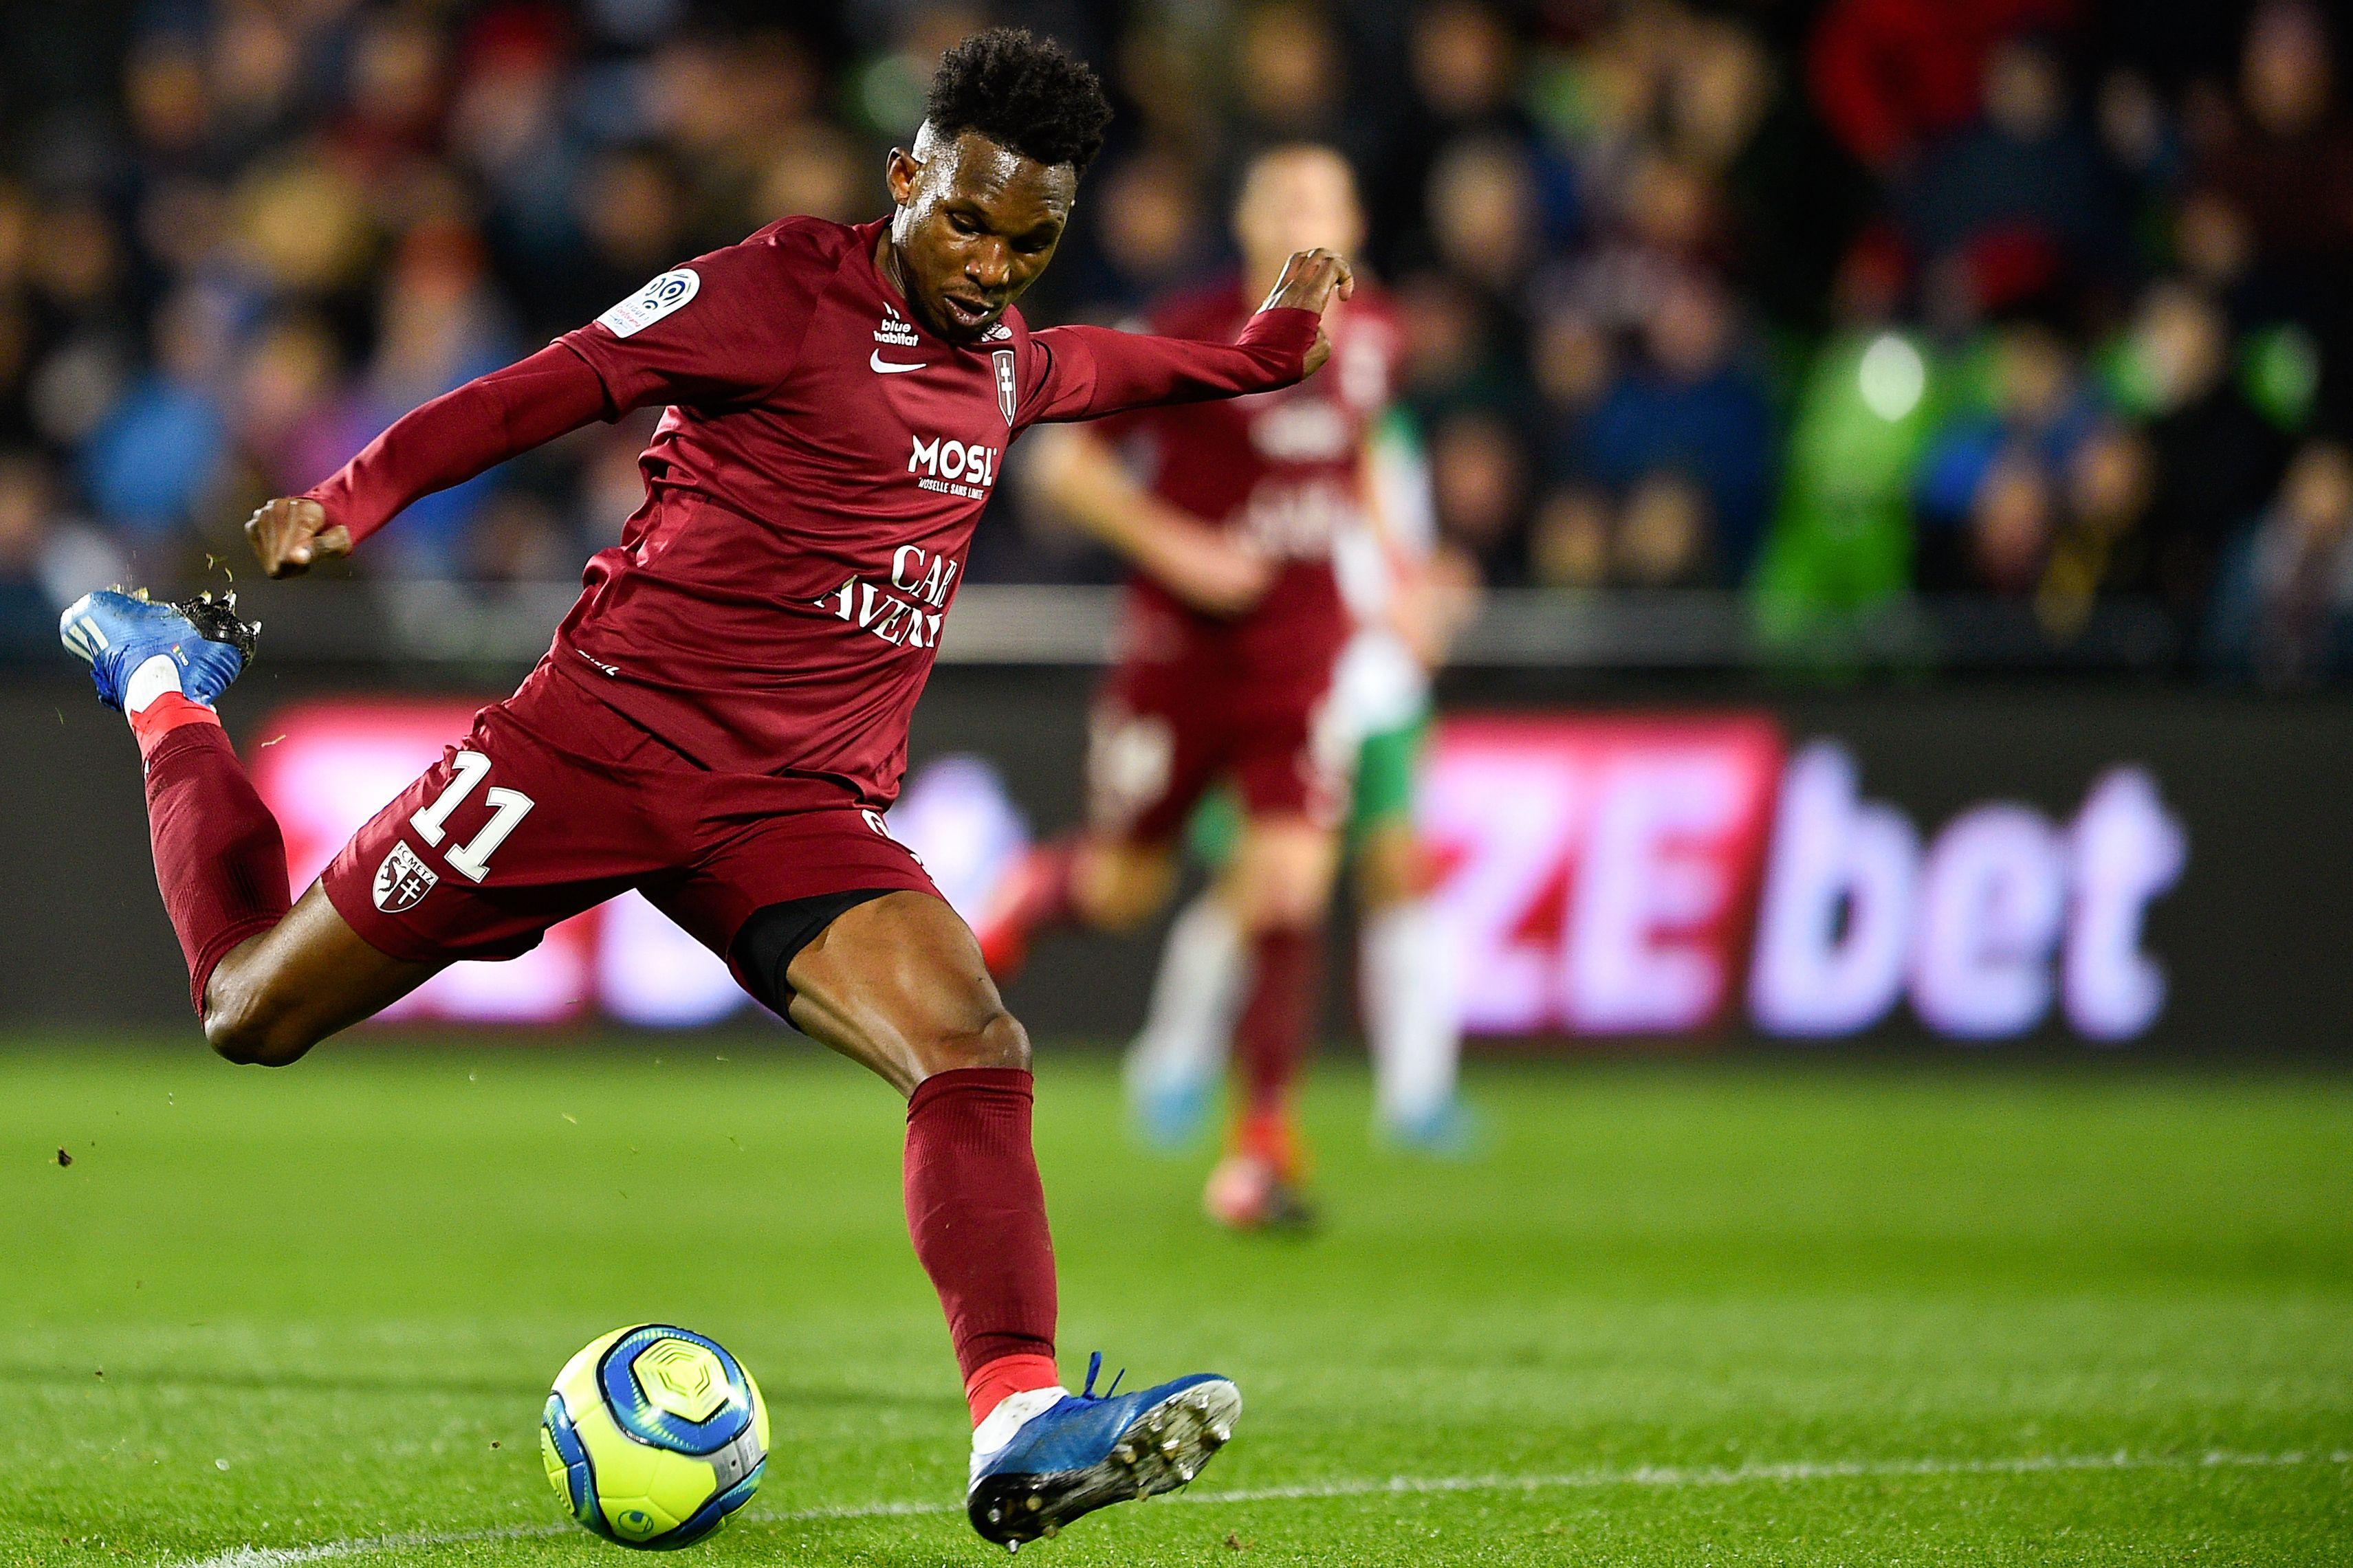 ASSE : FC Metz, Claude Puel a t-il retenu la leçon d'efficacité ?